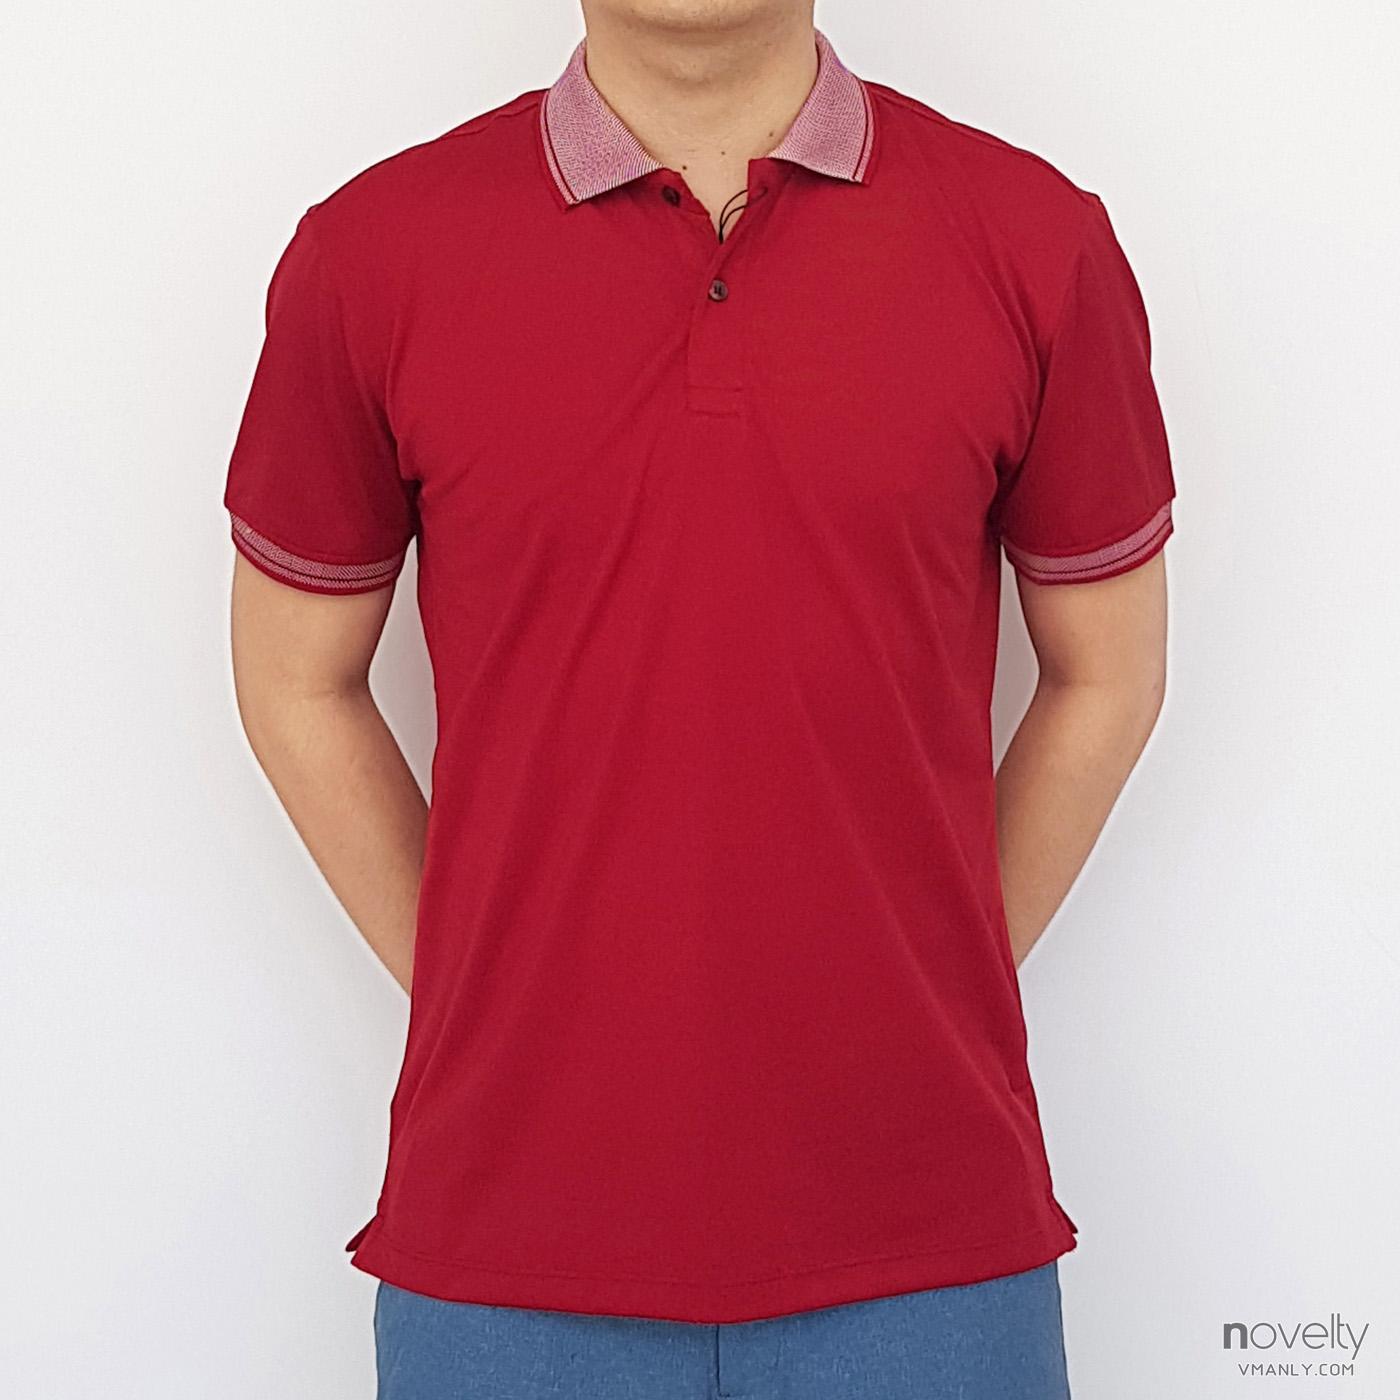 Áo polo nam Novelty cổ bẻ màu đỏ NATMMDNPSR181363N